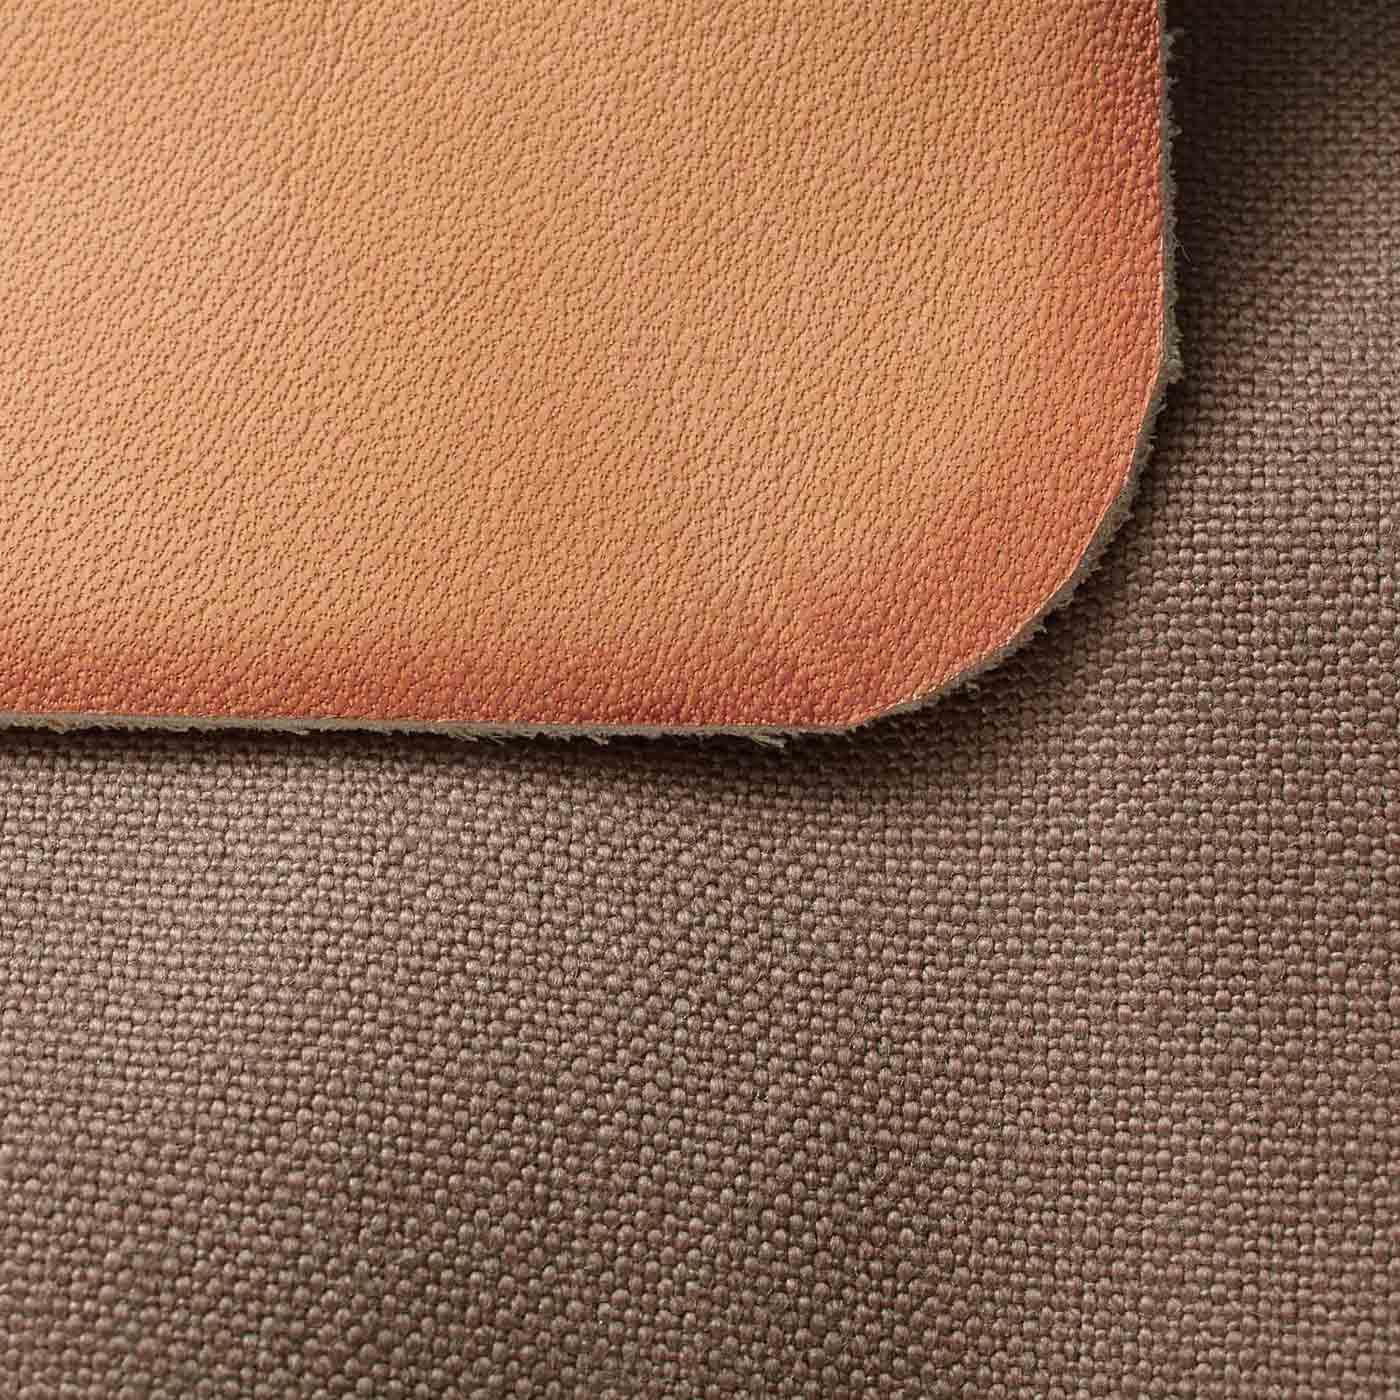 革用染料でふちをグラデーションで手染め。生地は丈夫な帆布素材。